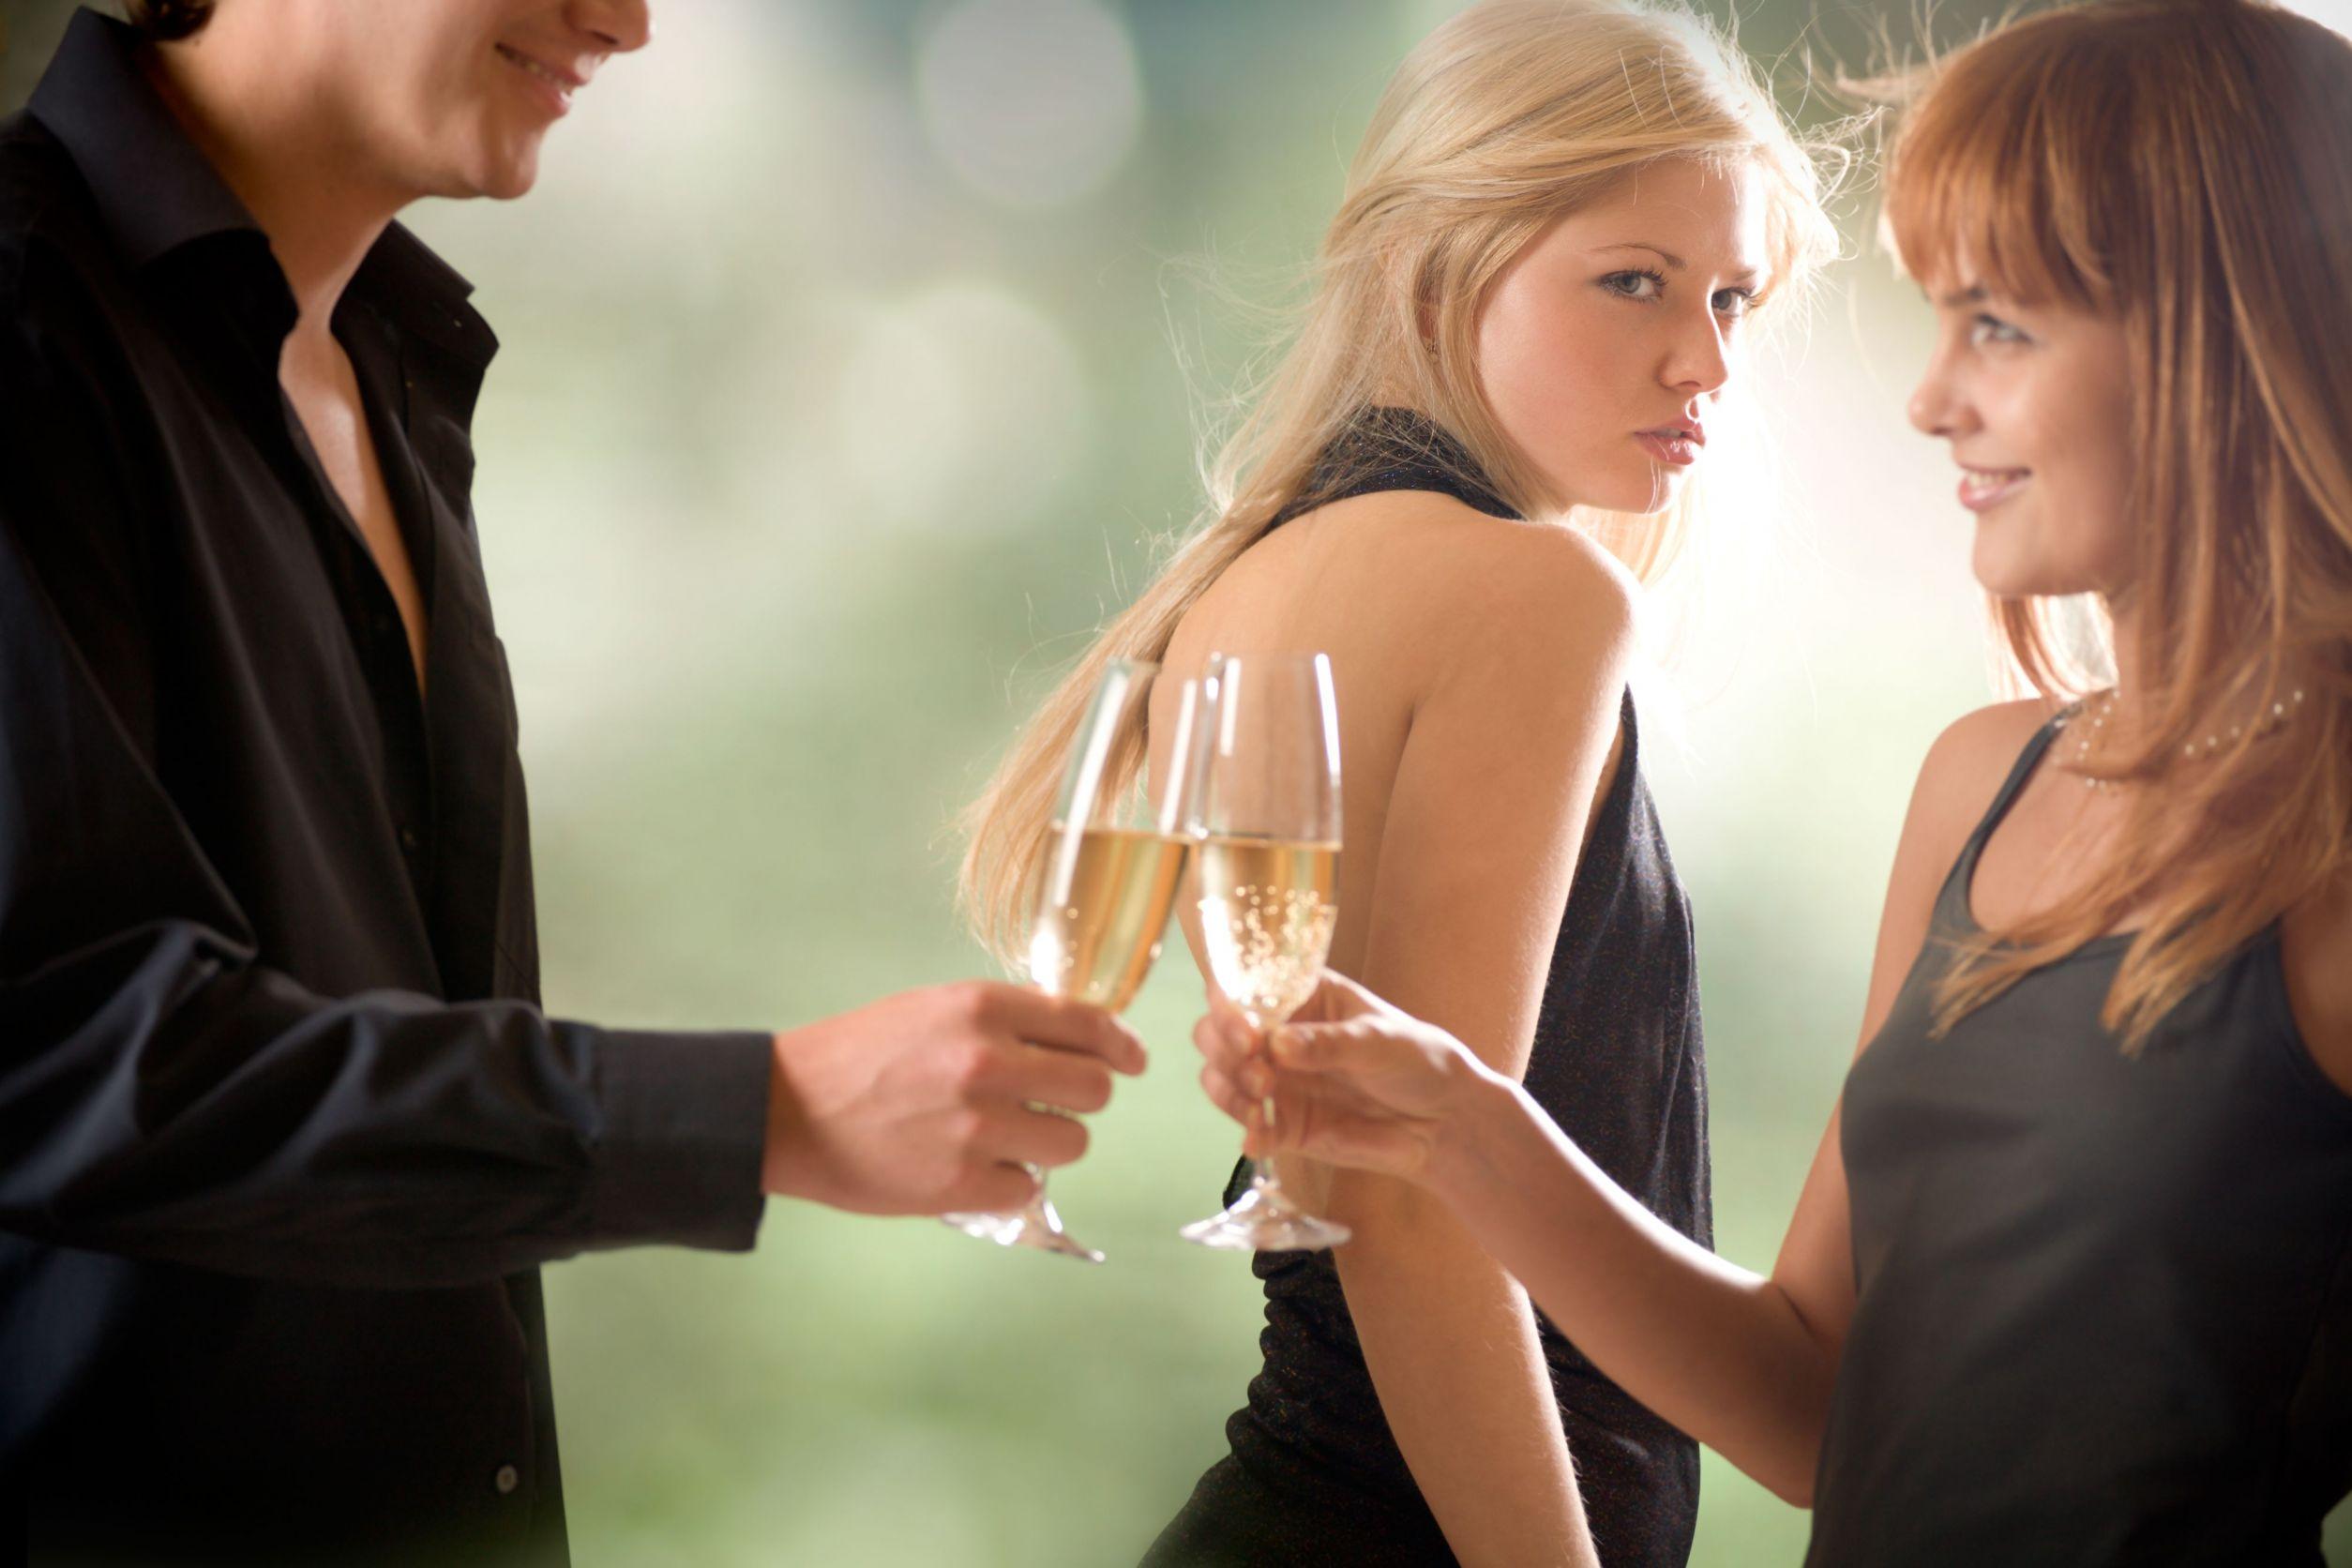 La gelosia non è una scusa: separazione con addebito e reato